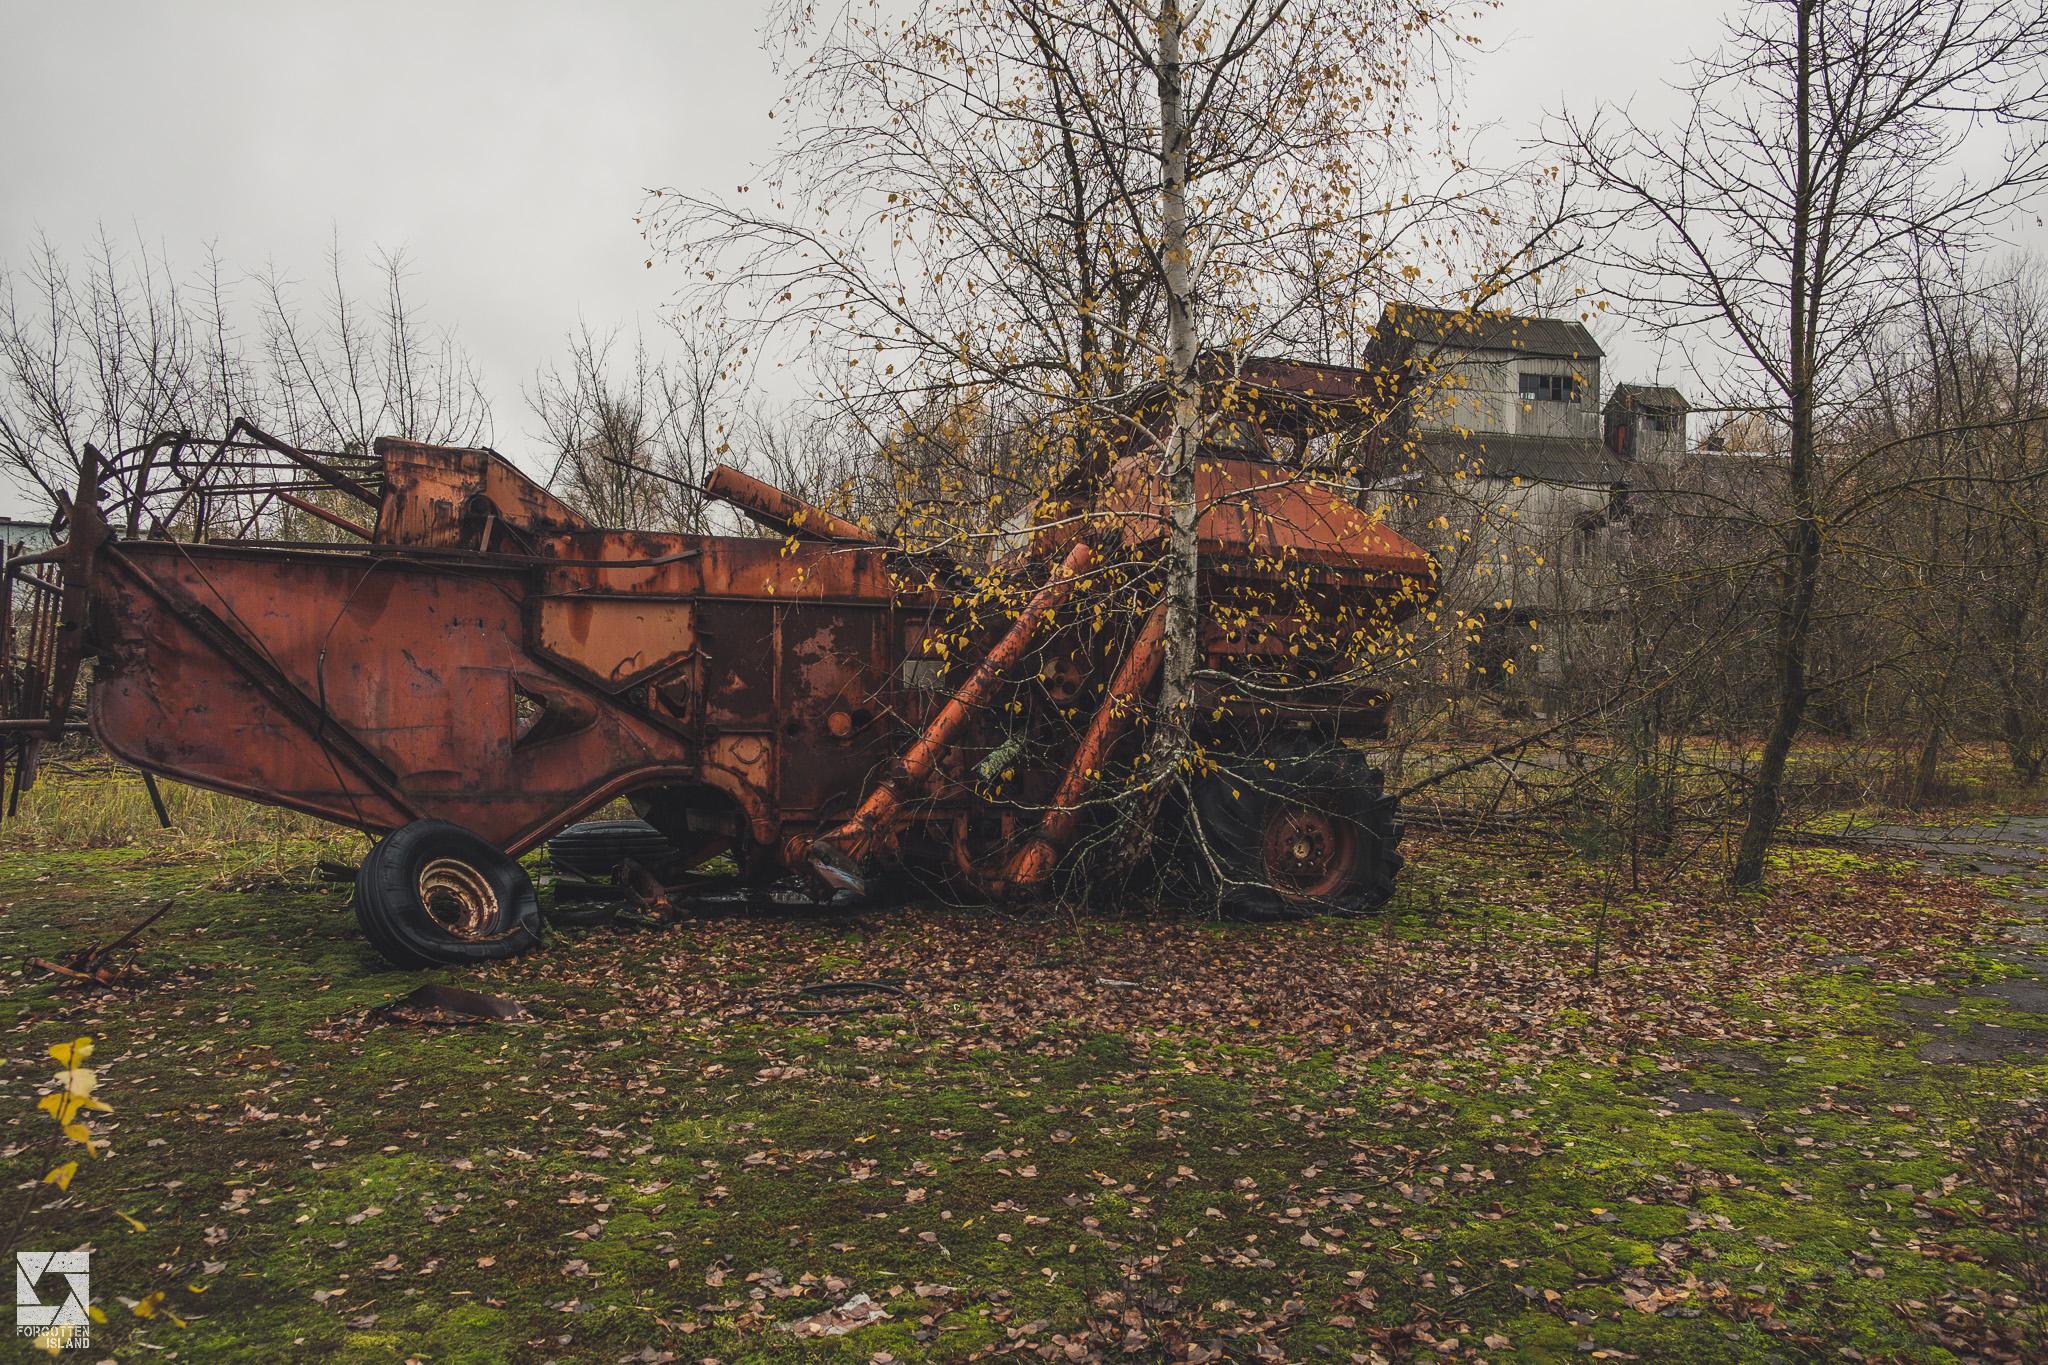 Chernobyl-Zymovyshche-Grain-Elevator-22.